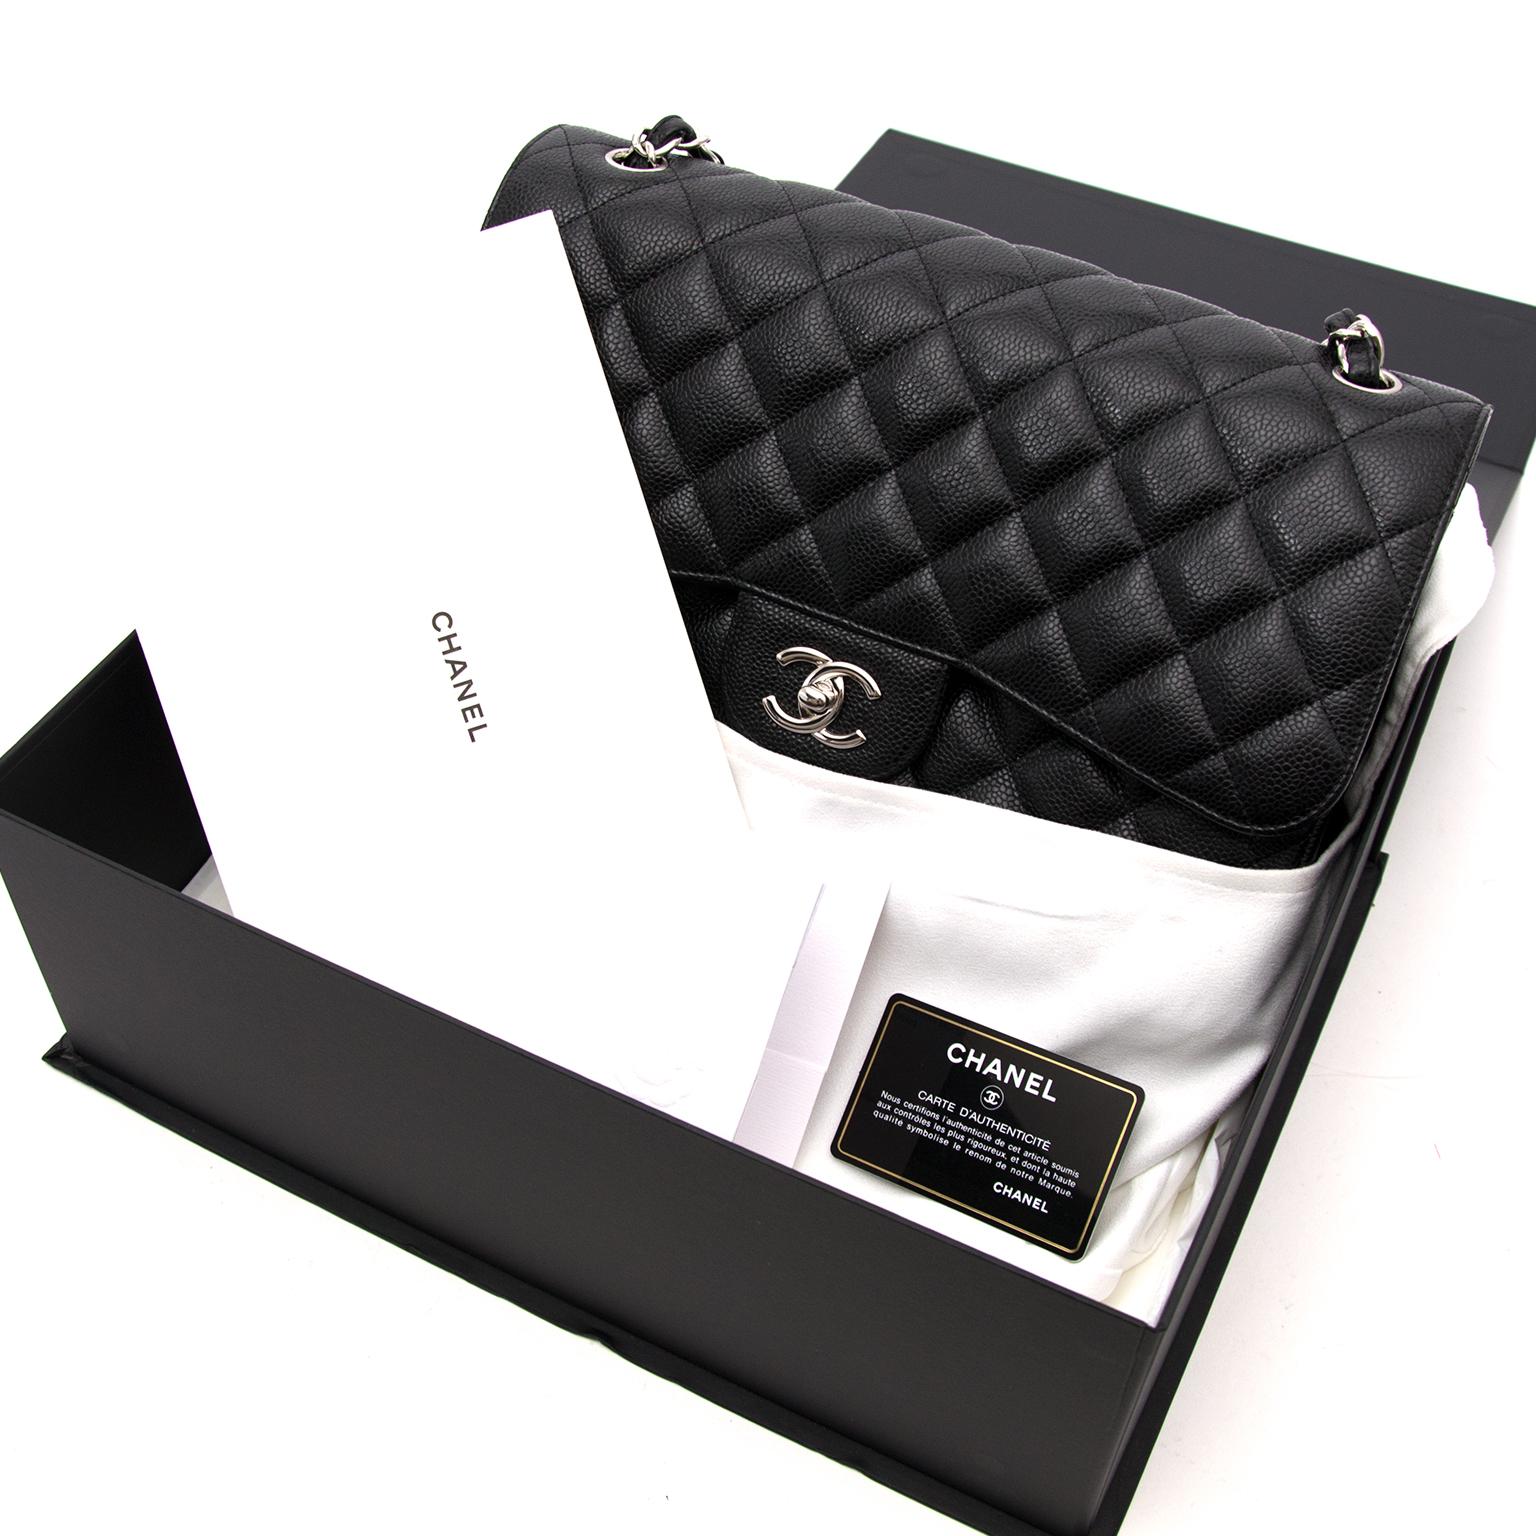 4979d2bded45 Labellov Shop safe online: authentic vintage Chanel clothes, bags ...